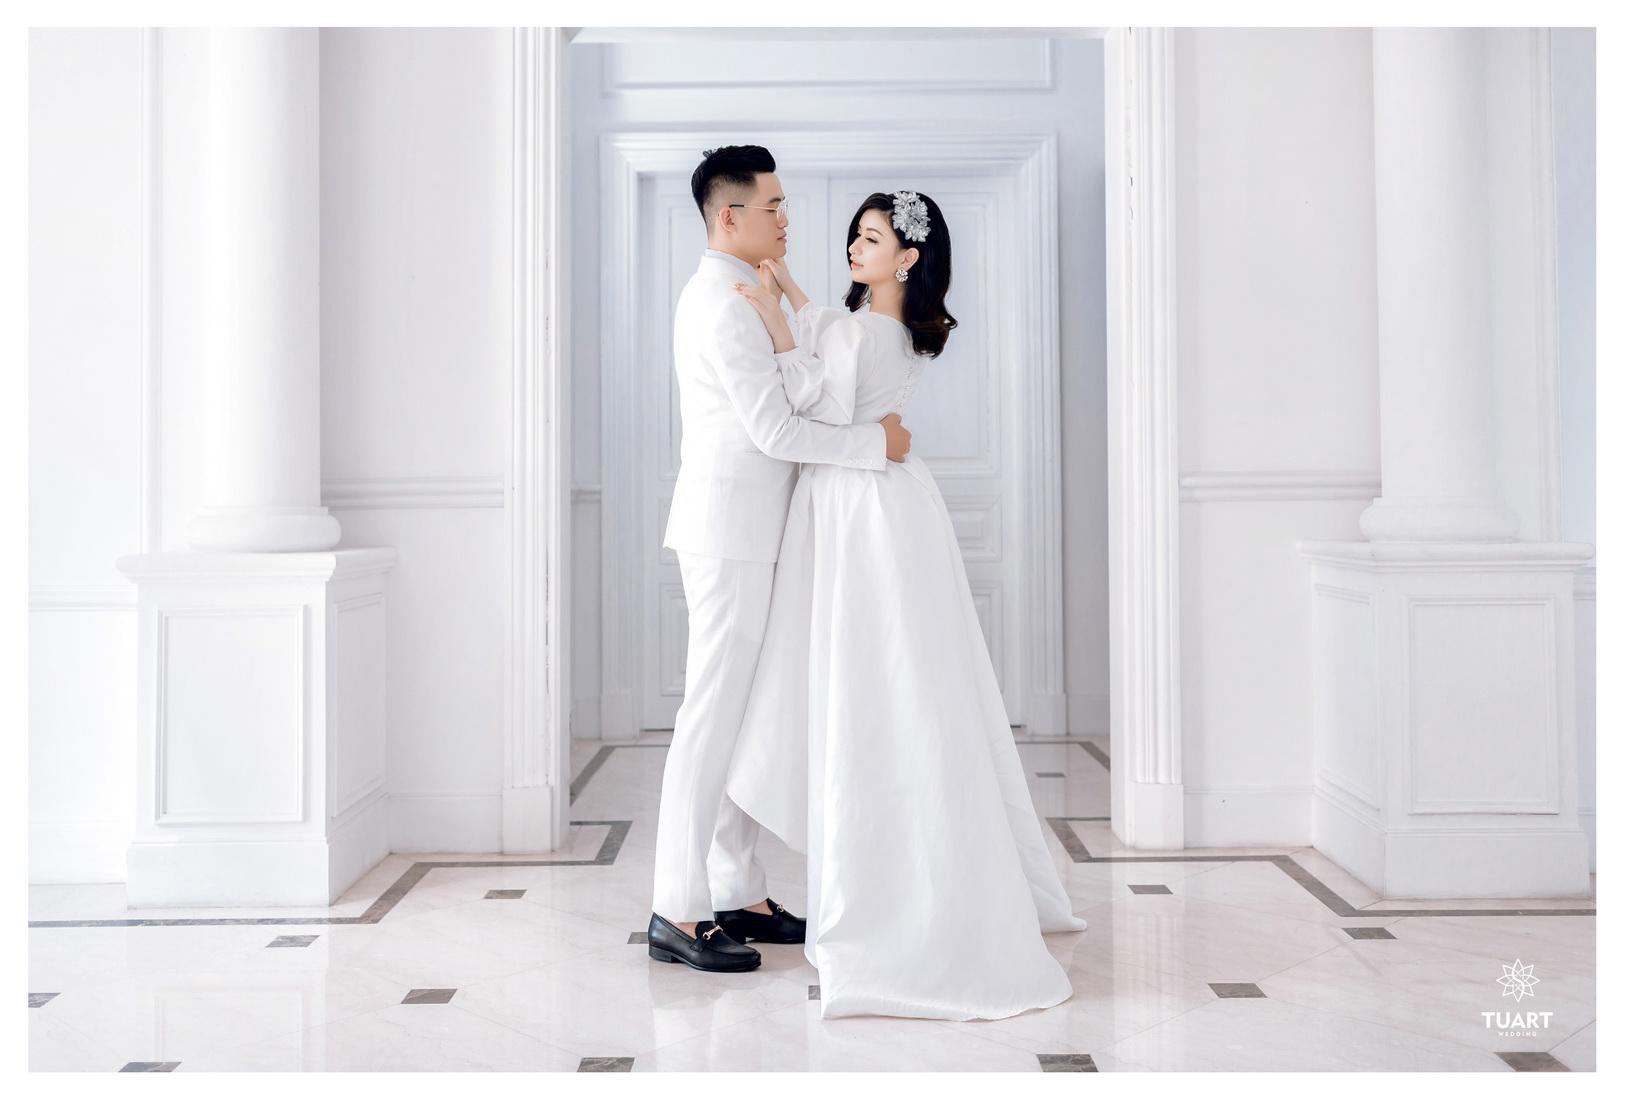 Album chụp ảnh cưới tại Biệt Thự Hoa Hồng : Tùng-Hường 8